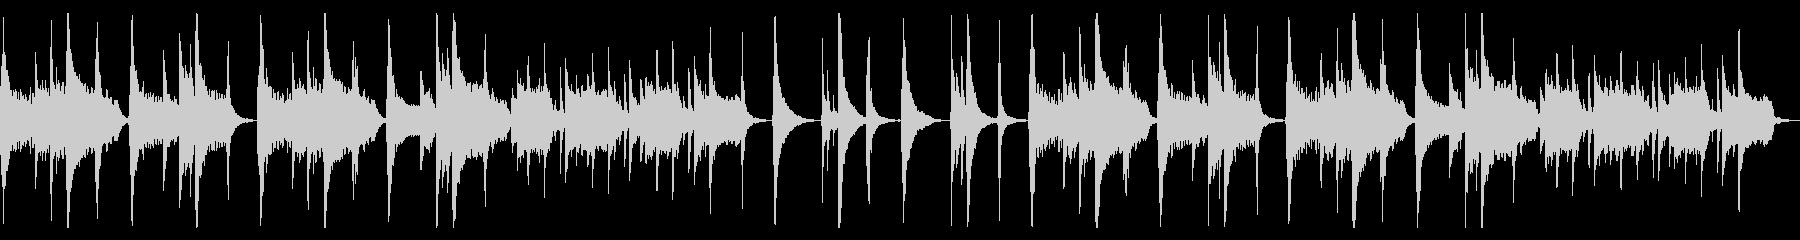 【ループ版】和風 バラード・尺八の未再生の波形